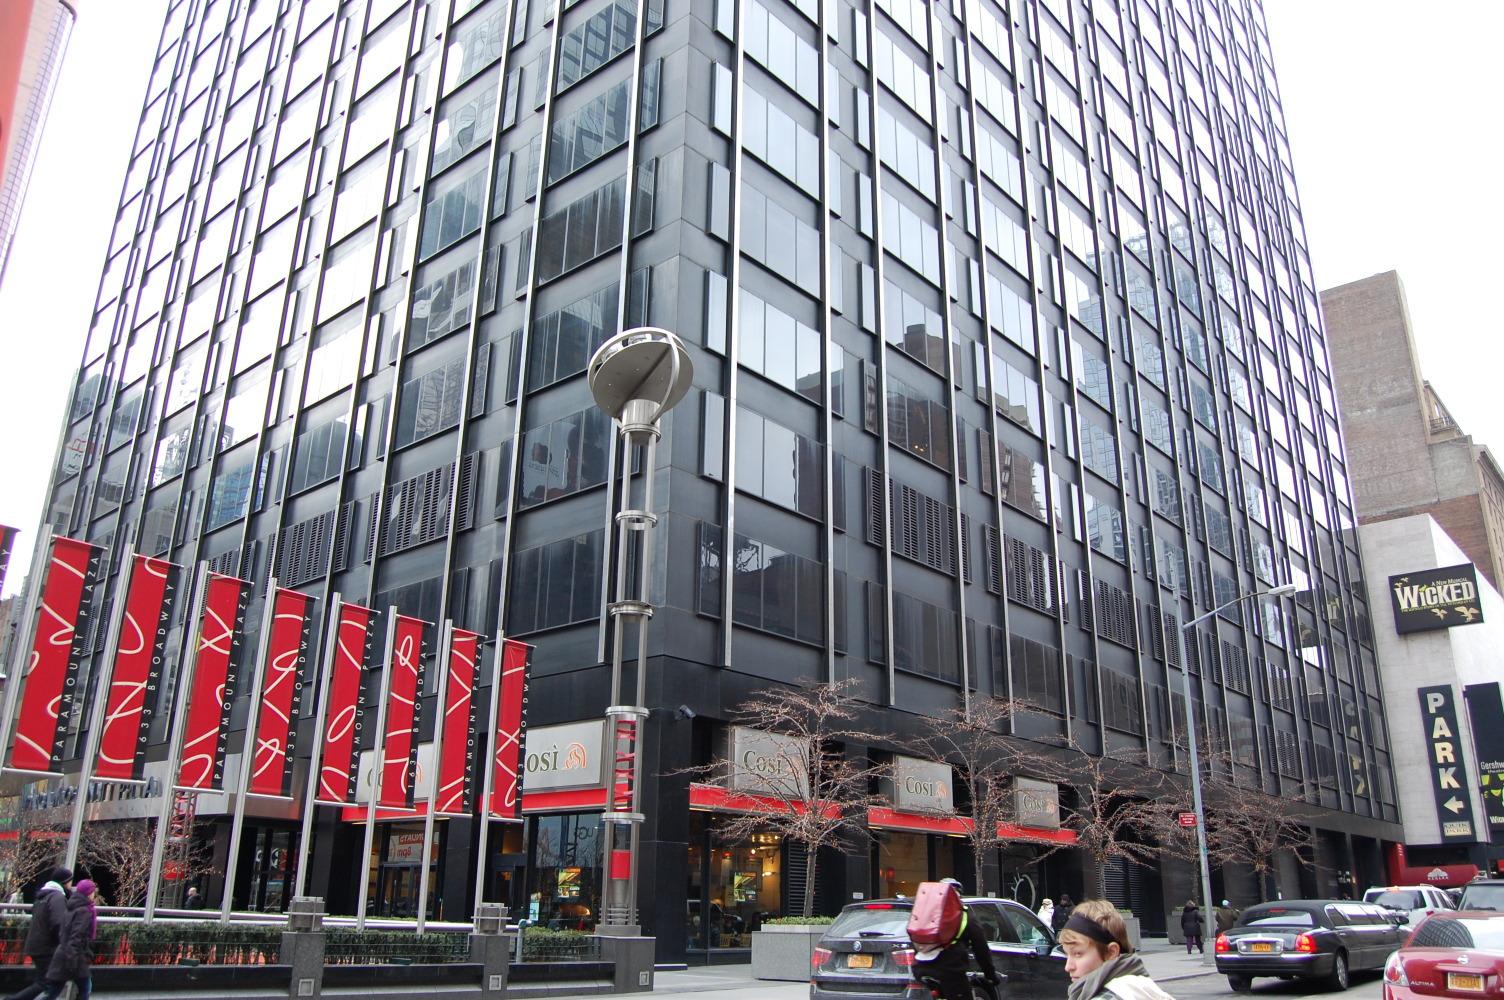 1633 broadway new york ny 10019